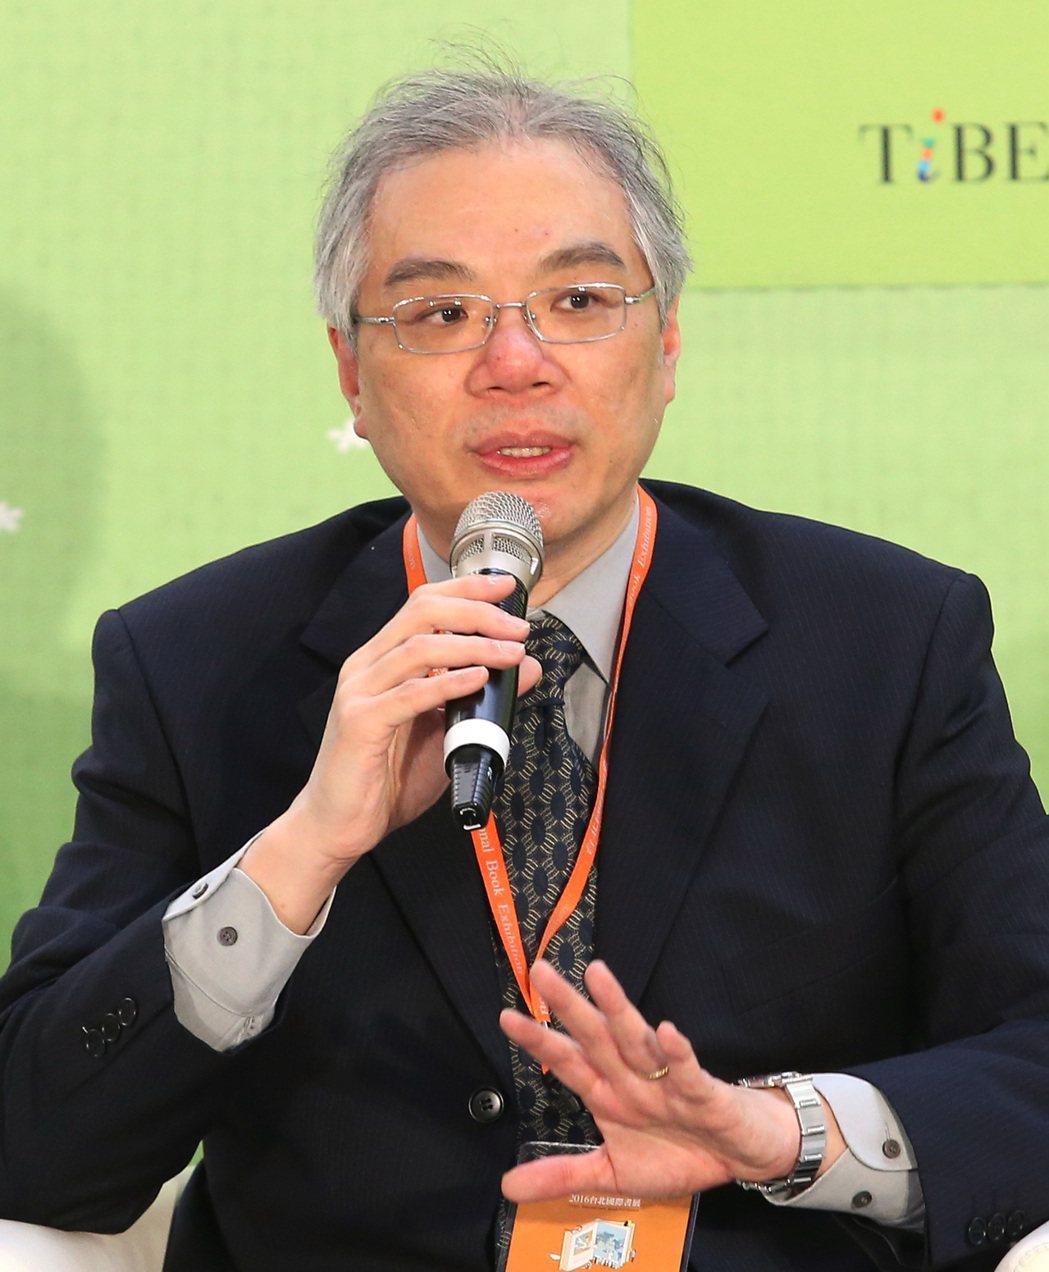 張愛玲逝世20周年,台北國際書展舉行「張愛玲特展:愛玲進行式」。昨邀請皇冠文化集